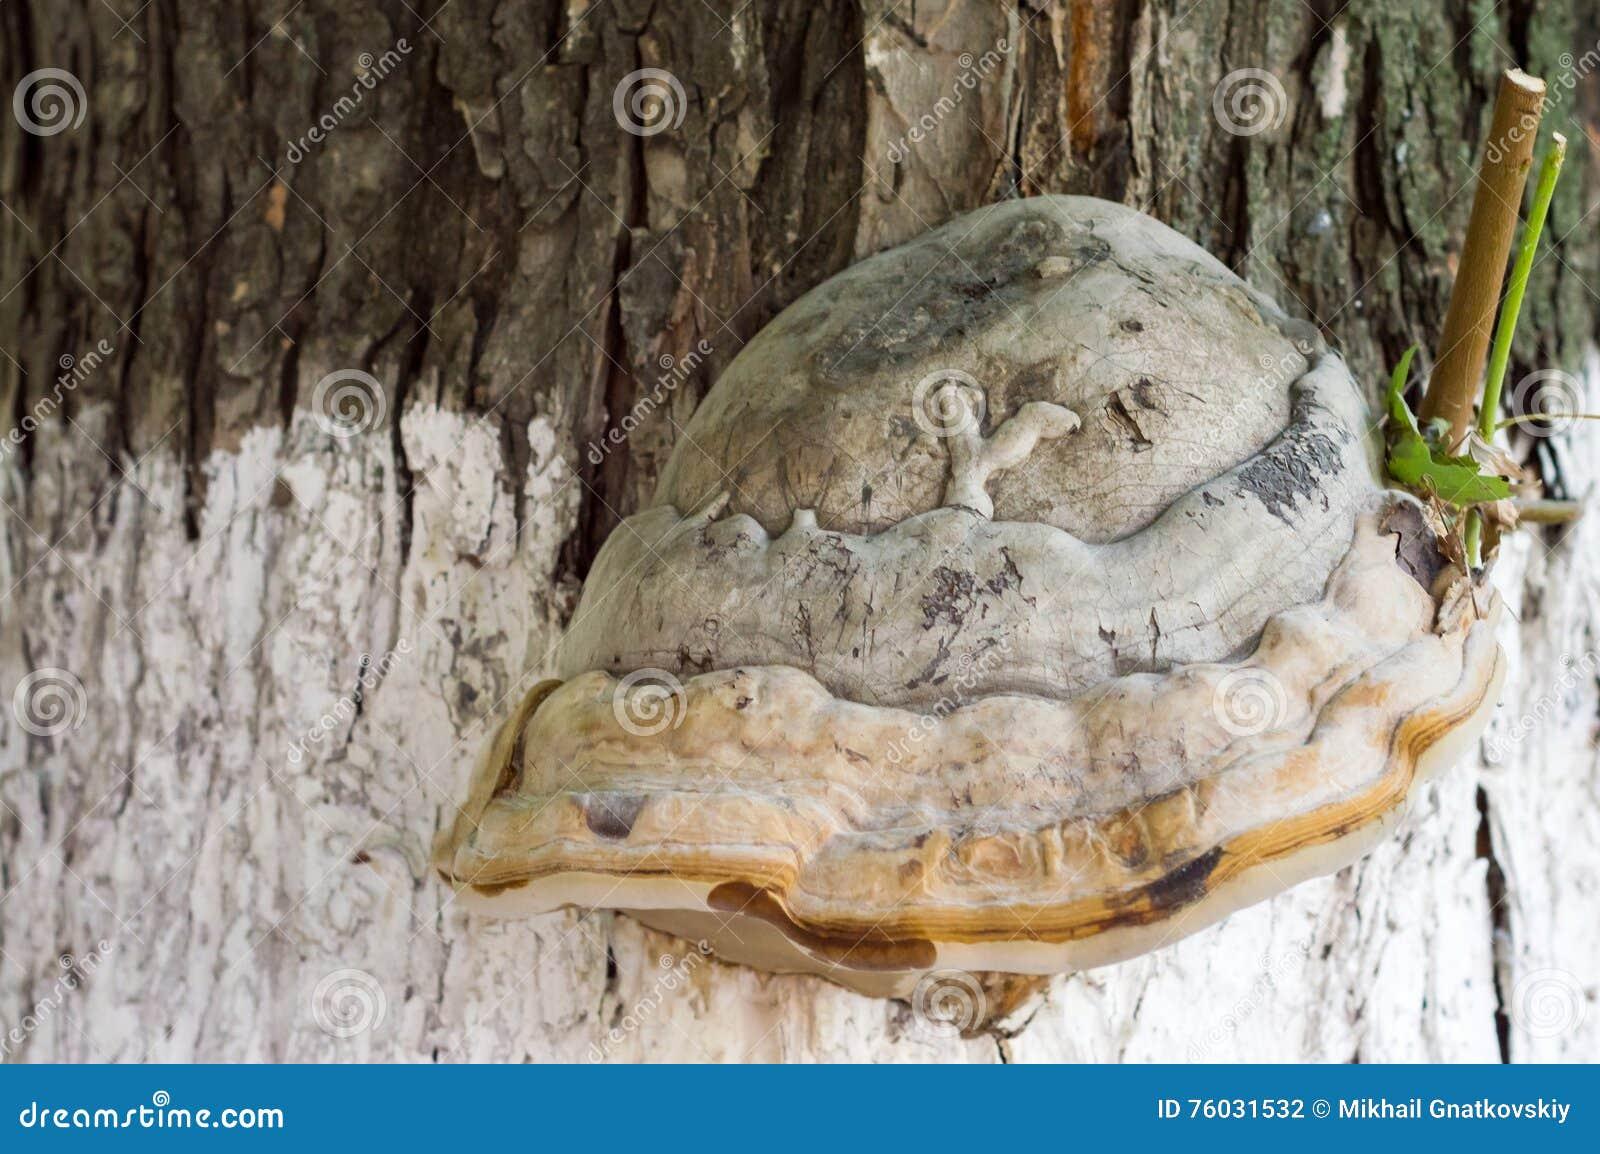 regalpilz auf baumstamm stockfoto. bild von kräuter, forstwirtschaft